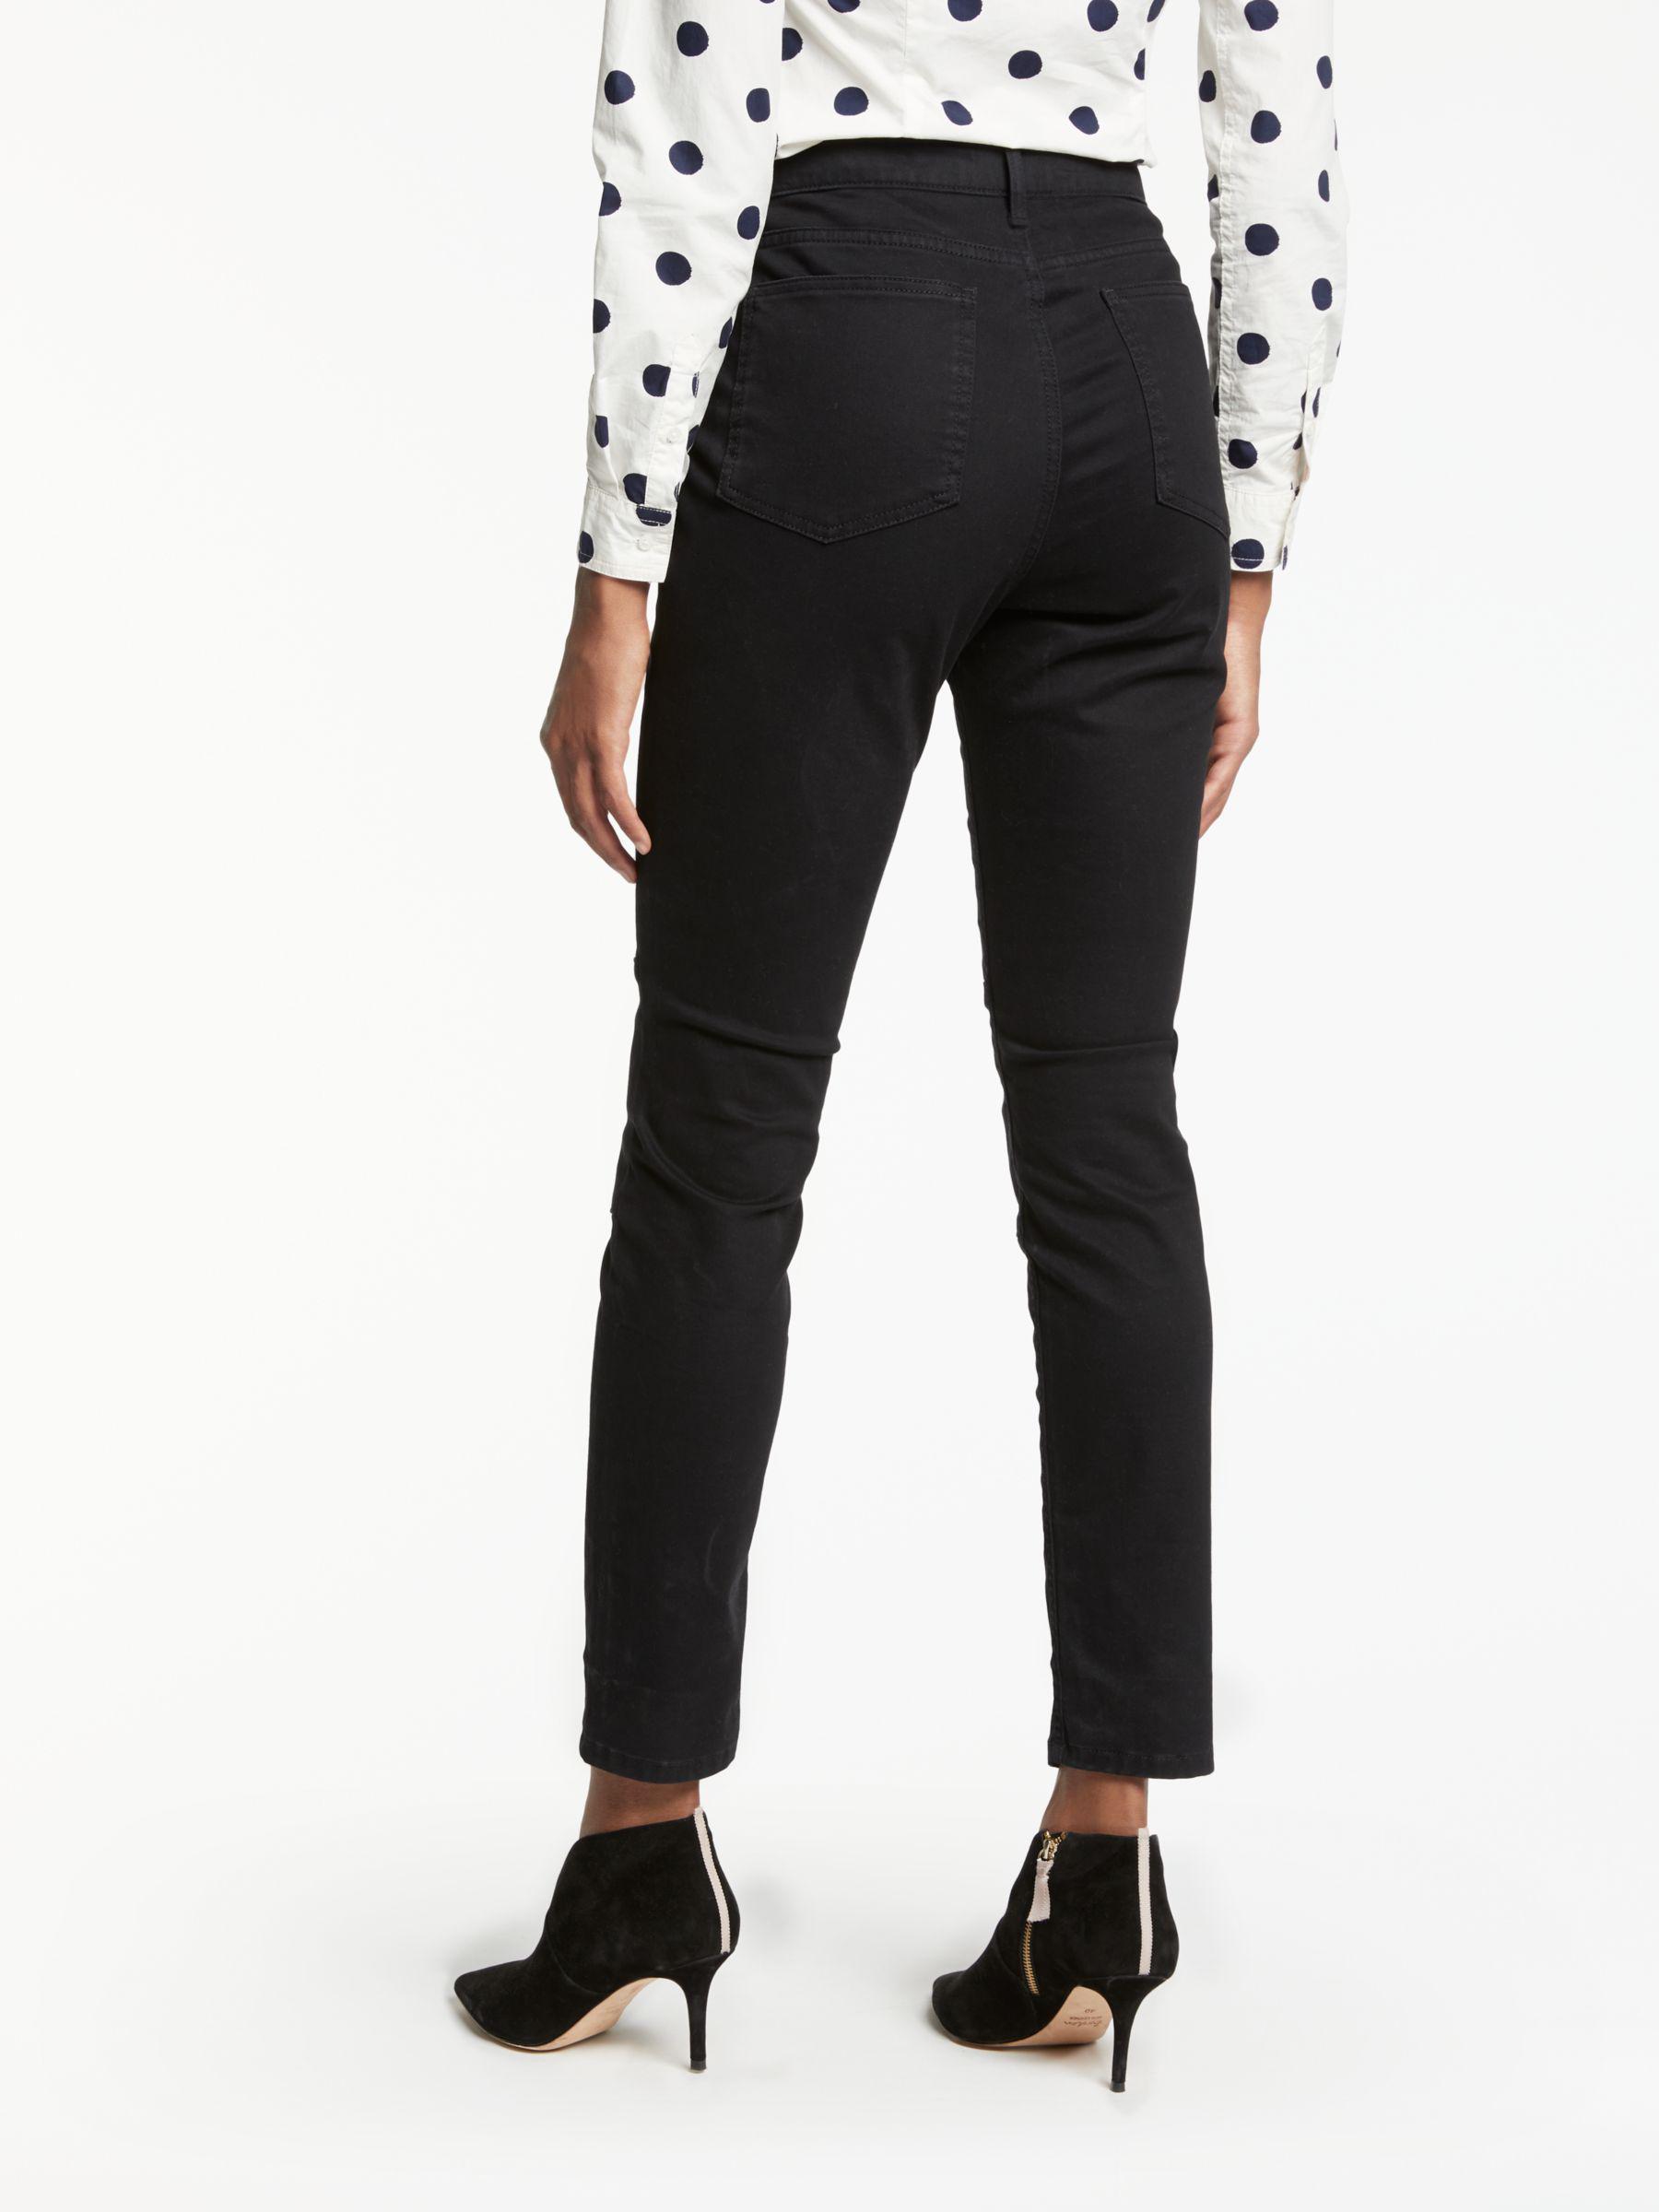 Boden Denim Brighton Biker Skinny Jeans in Black